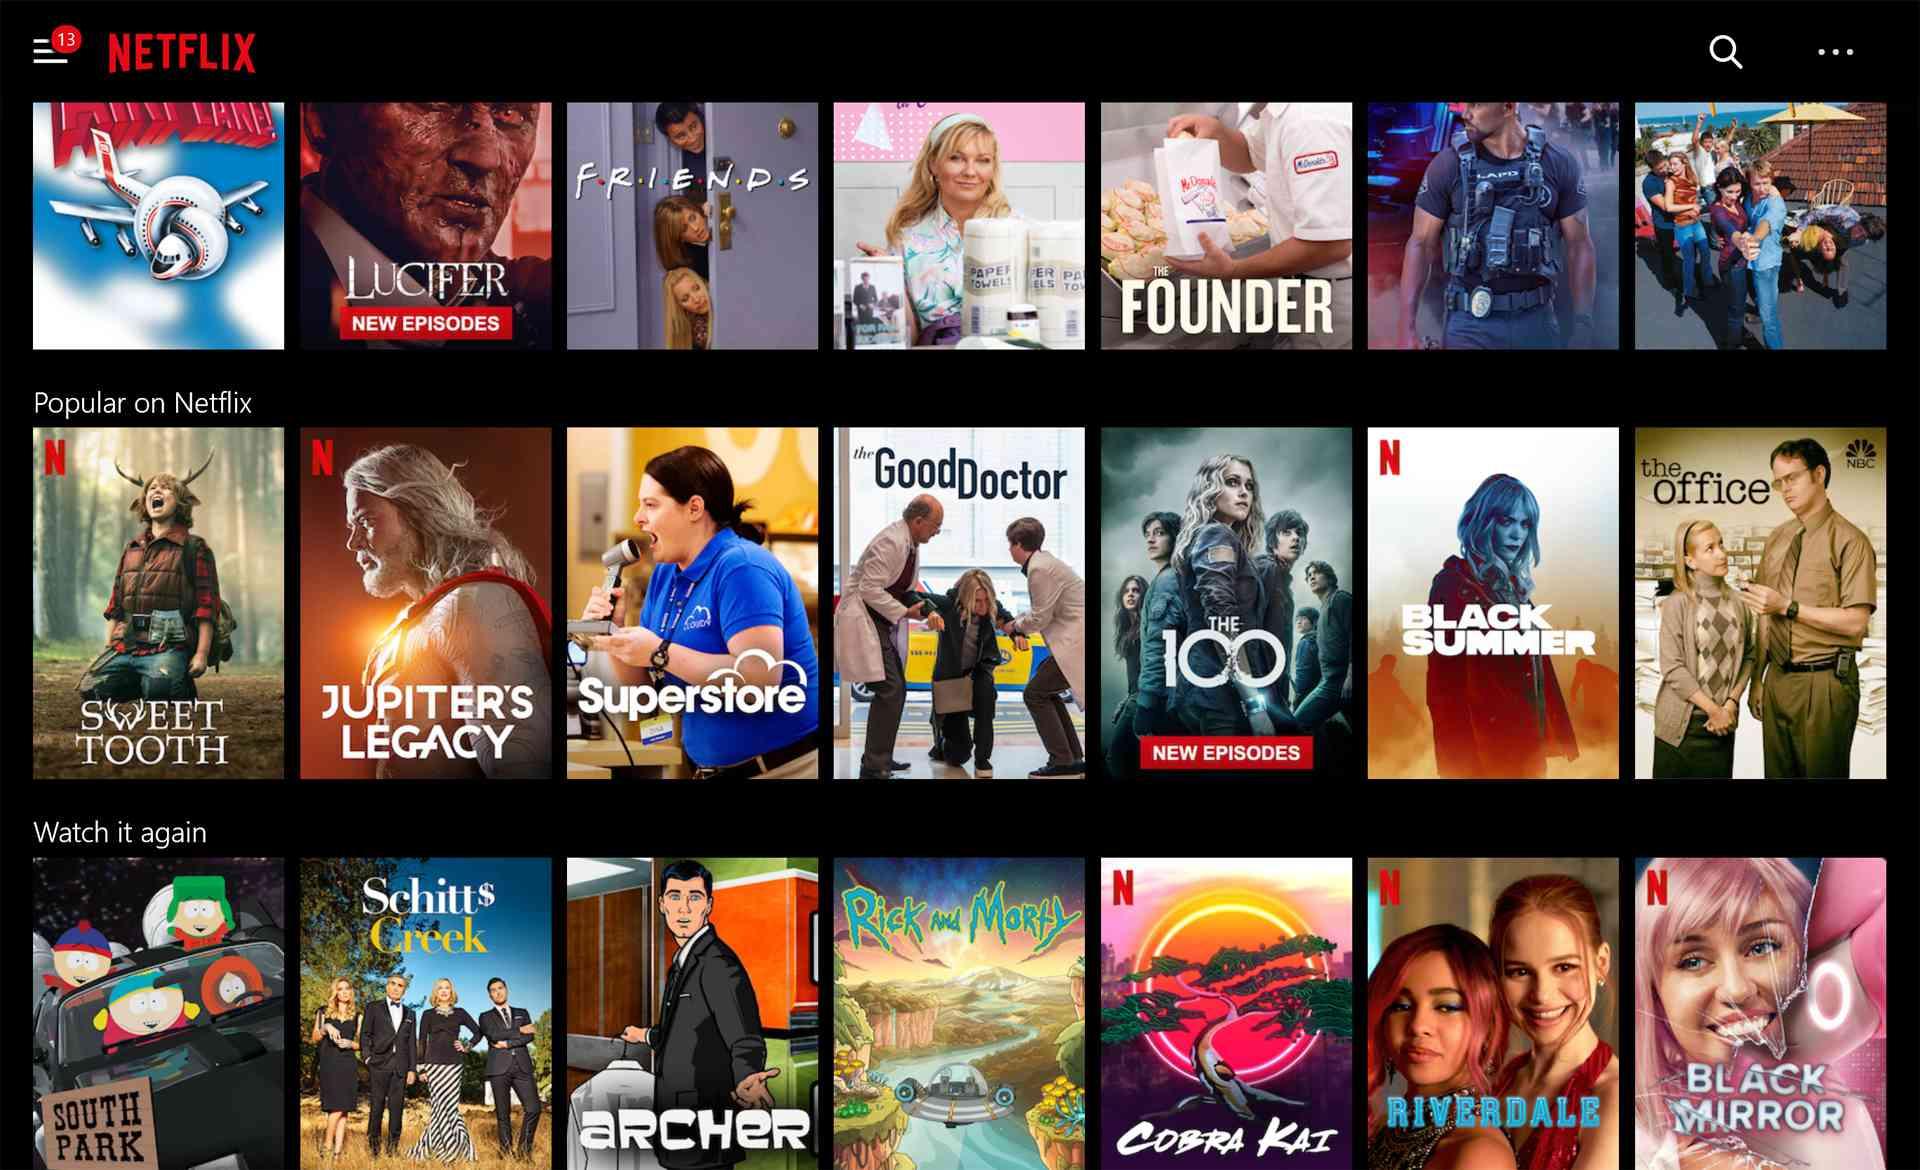 Netflix app on a Windows 10 Surface.